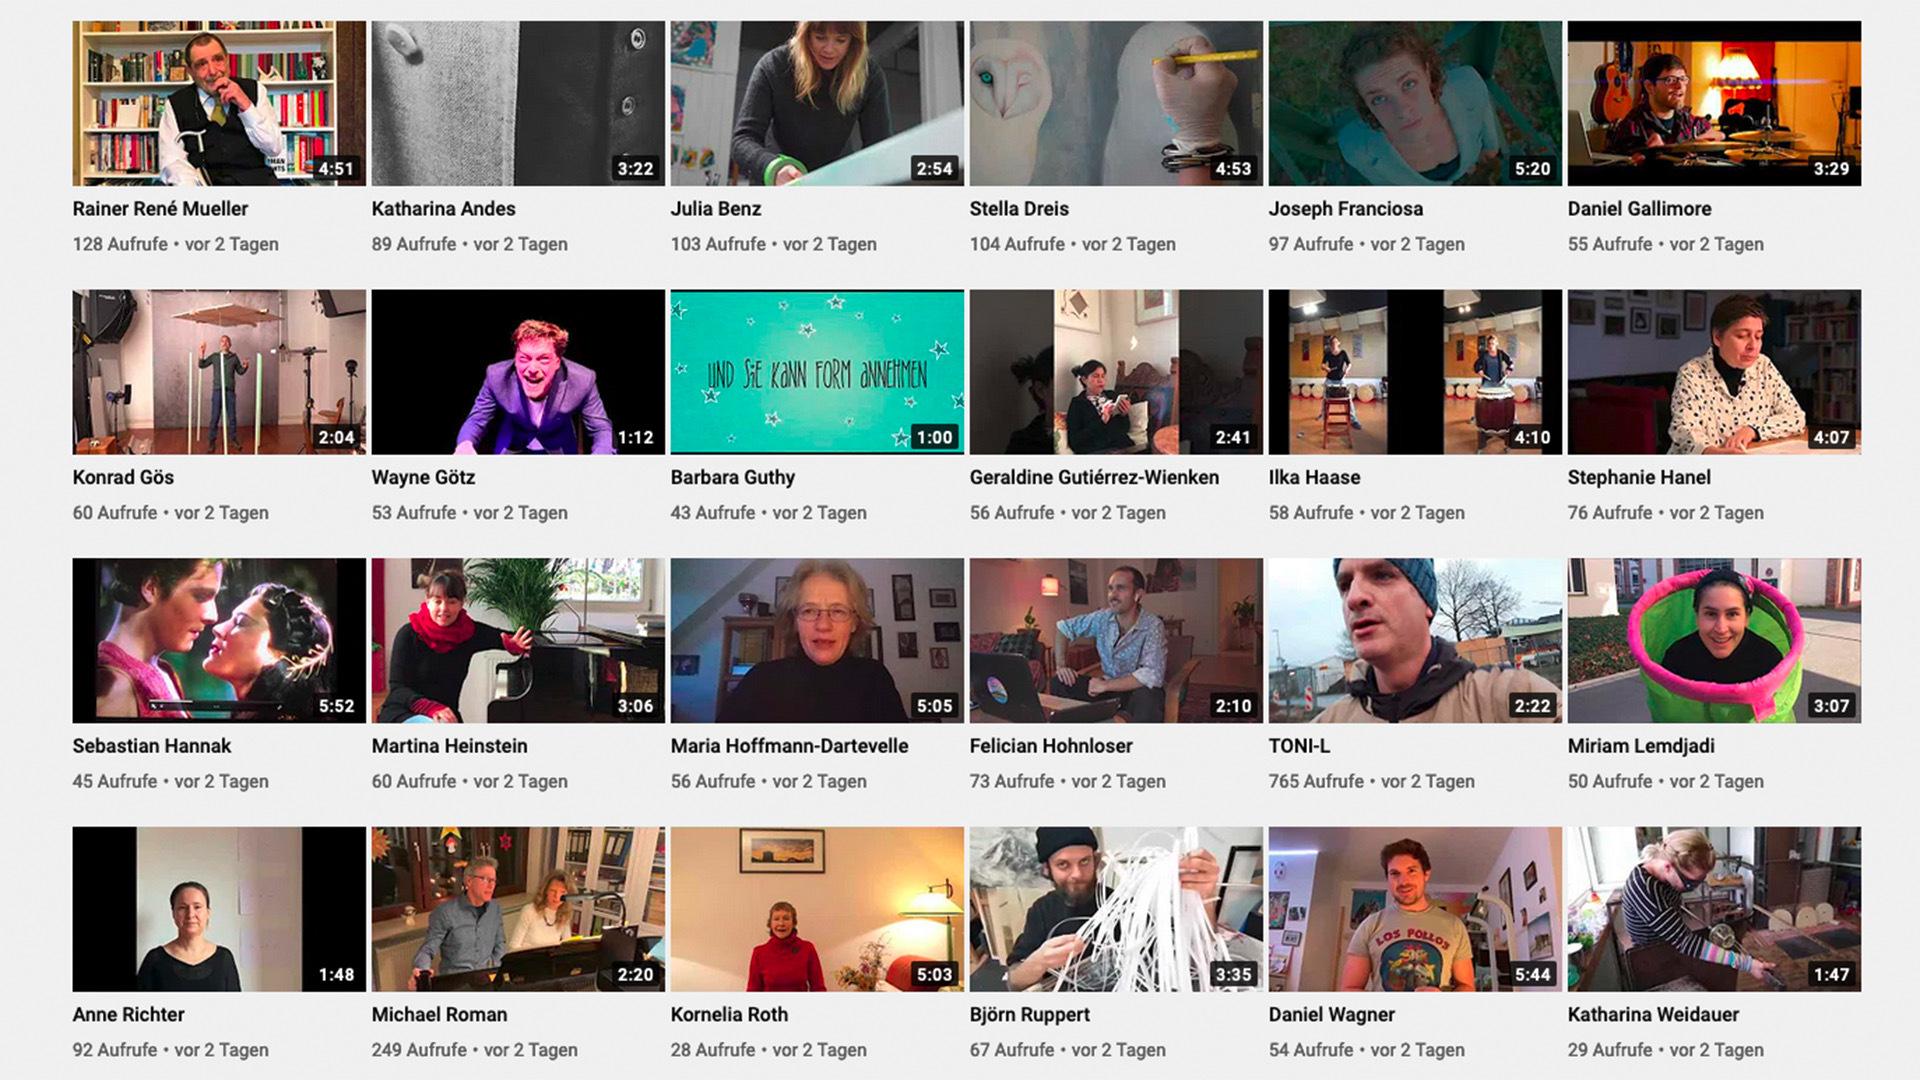 Viele Videos, in Kacheloptik angeordnet auf einem Bildschirm